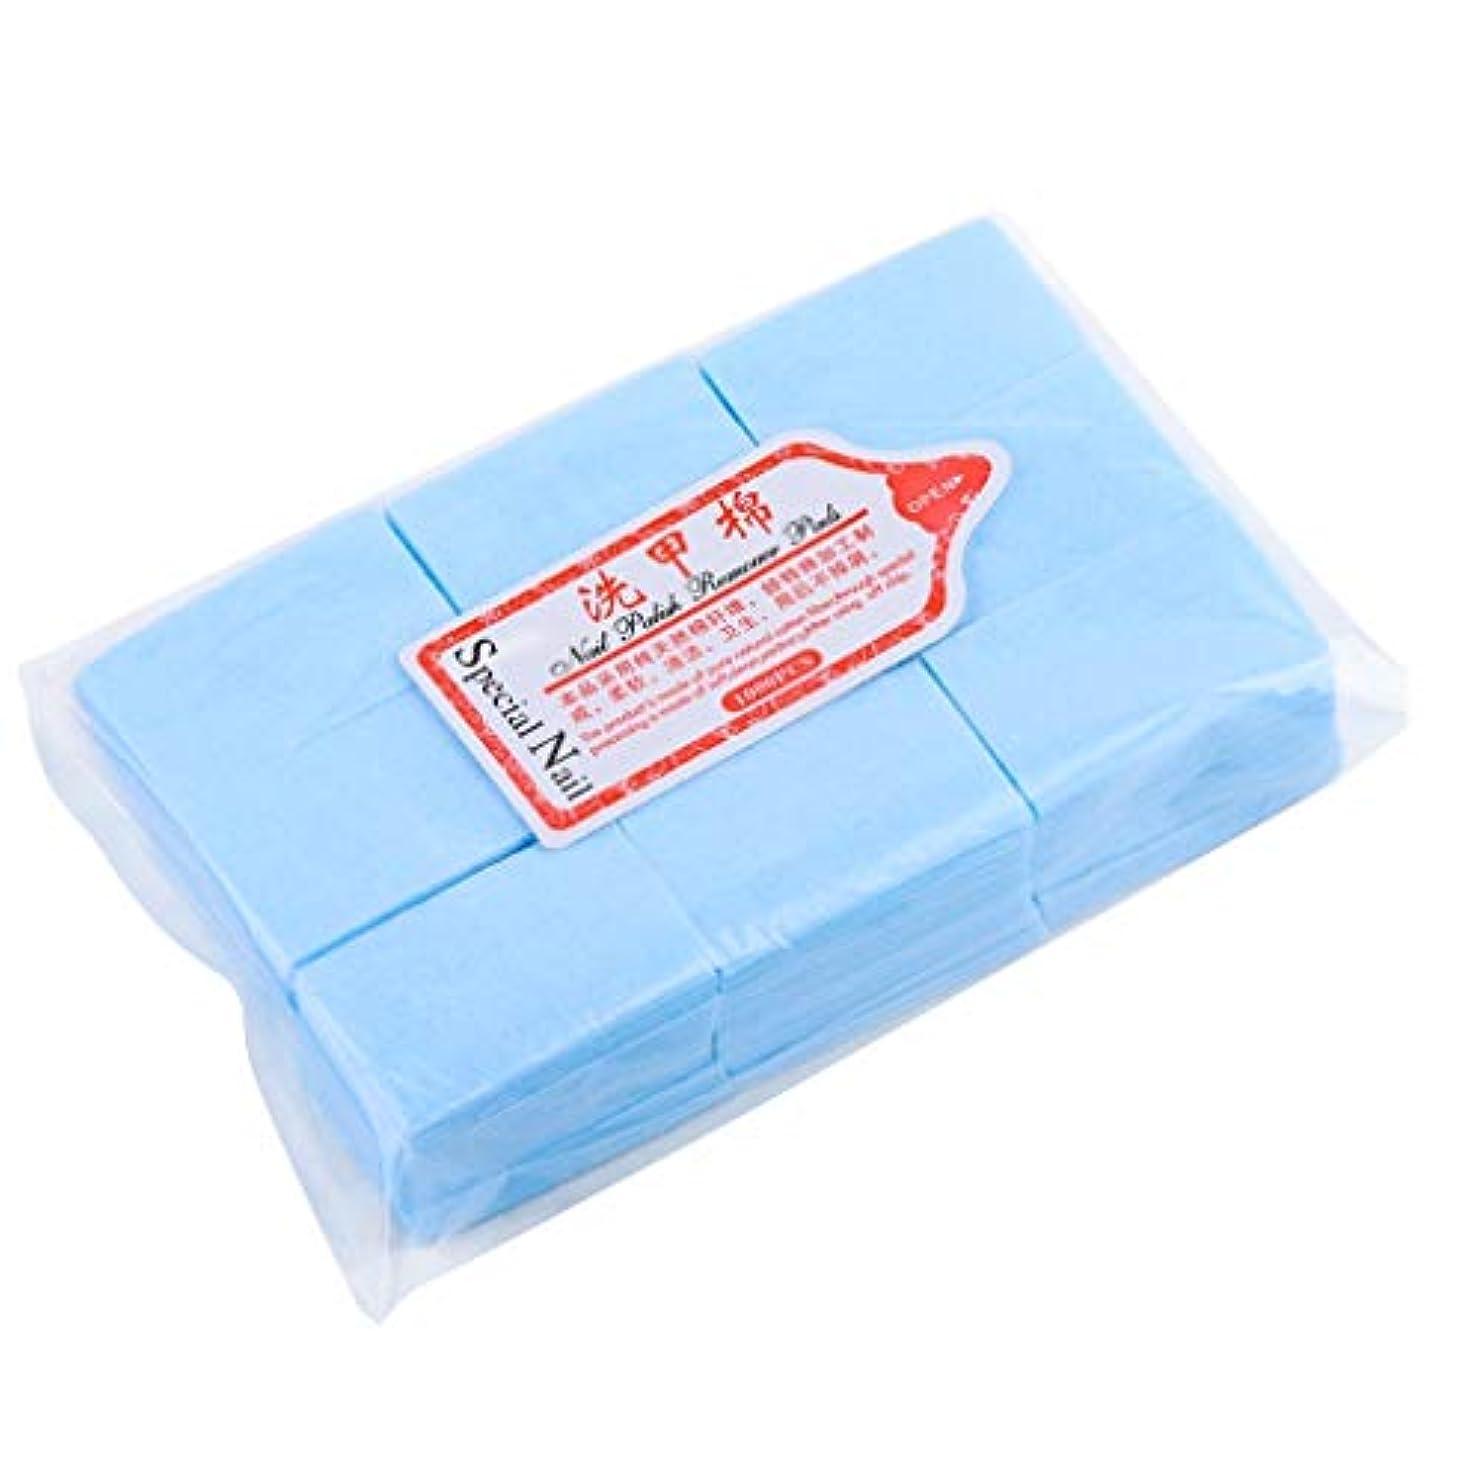 タイマールーム紳士Perfeclan ネイルワイプ コットンパッド 使い捨て ネイルポリッシュリムーバー パッド マニキュア 全4色 - ブルー